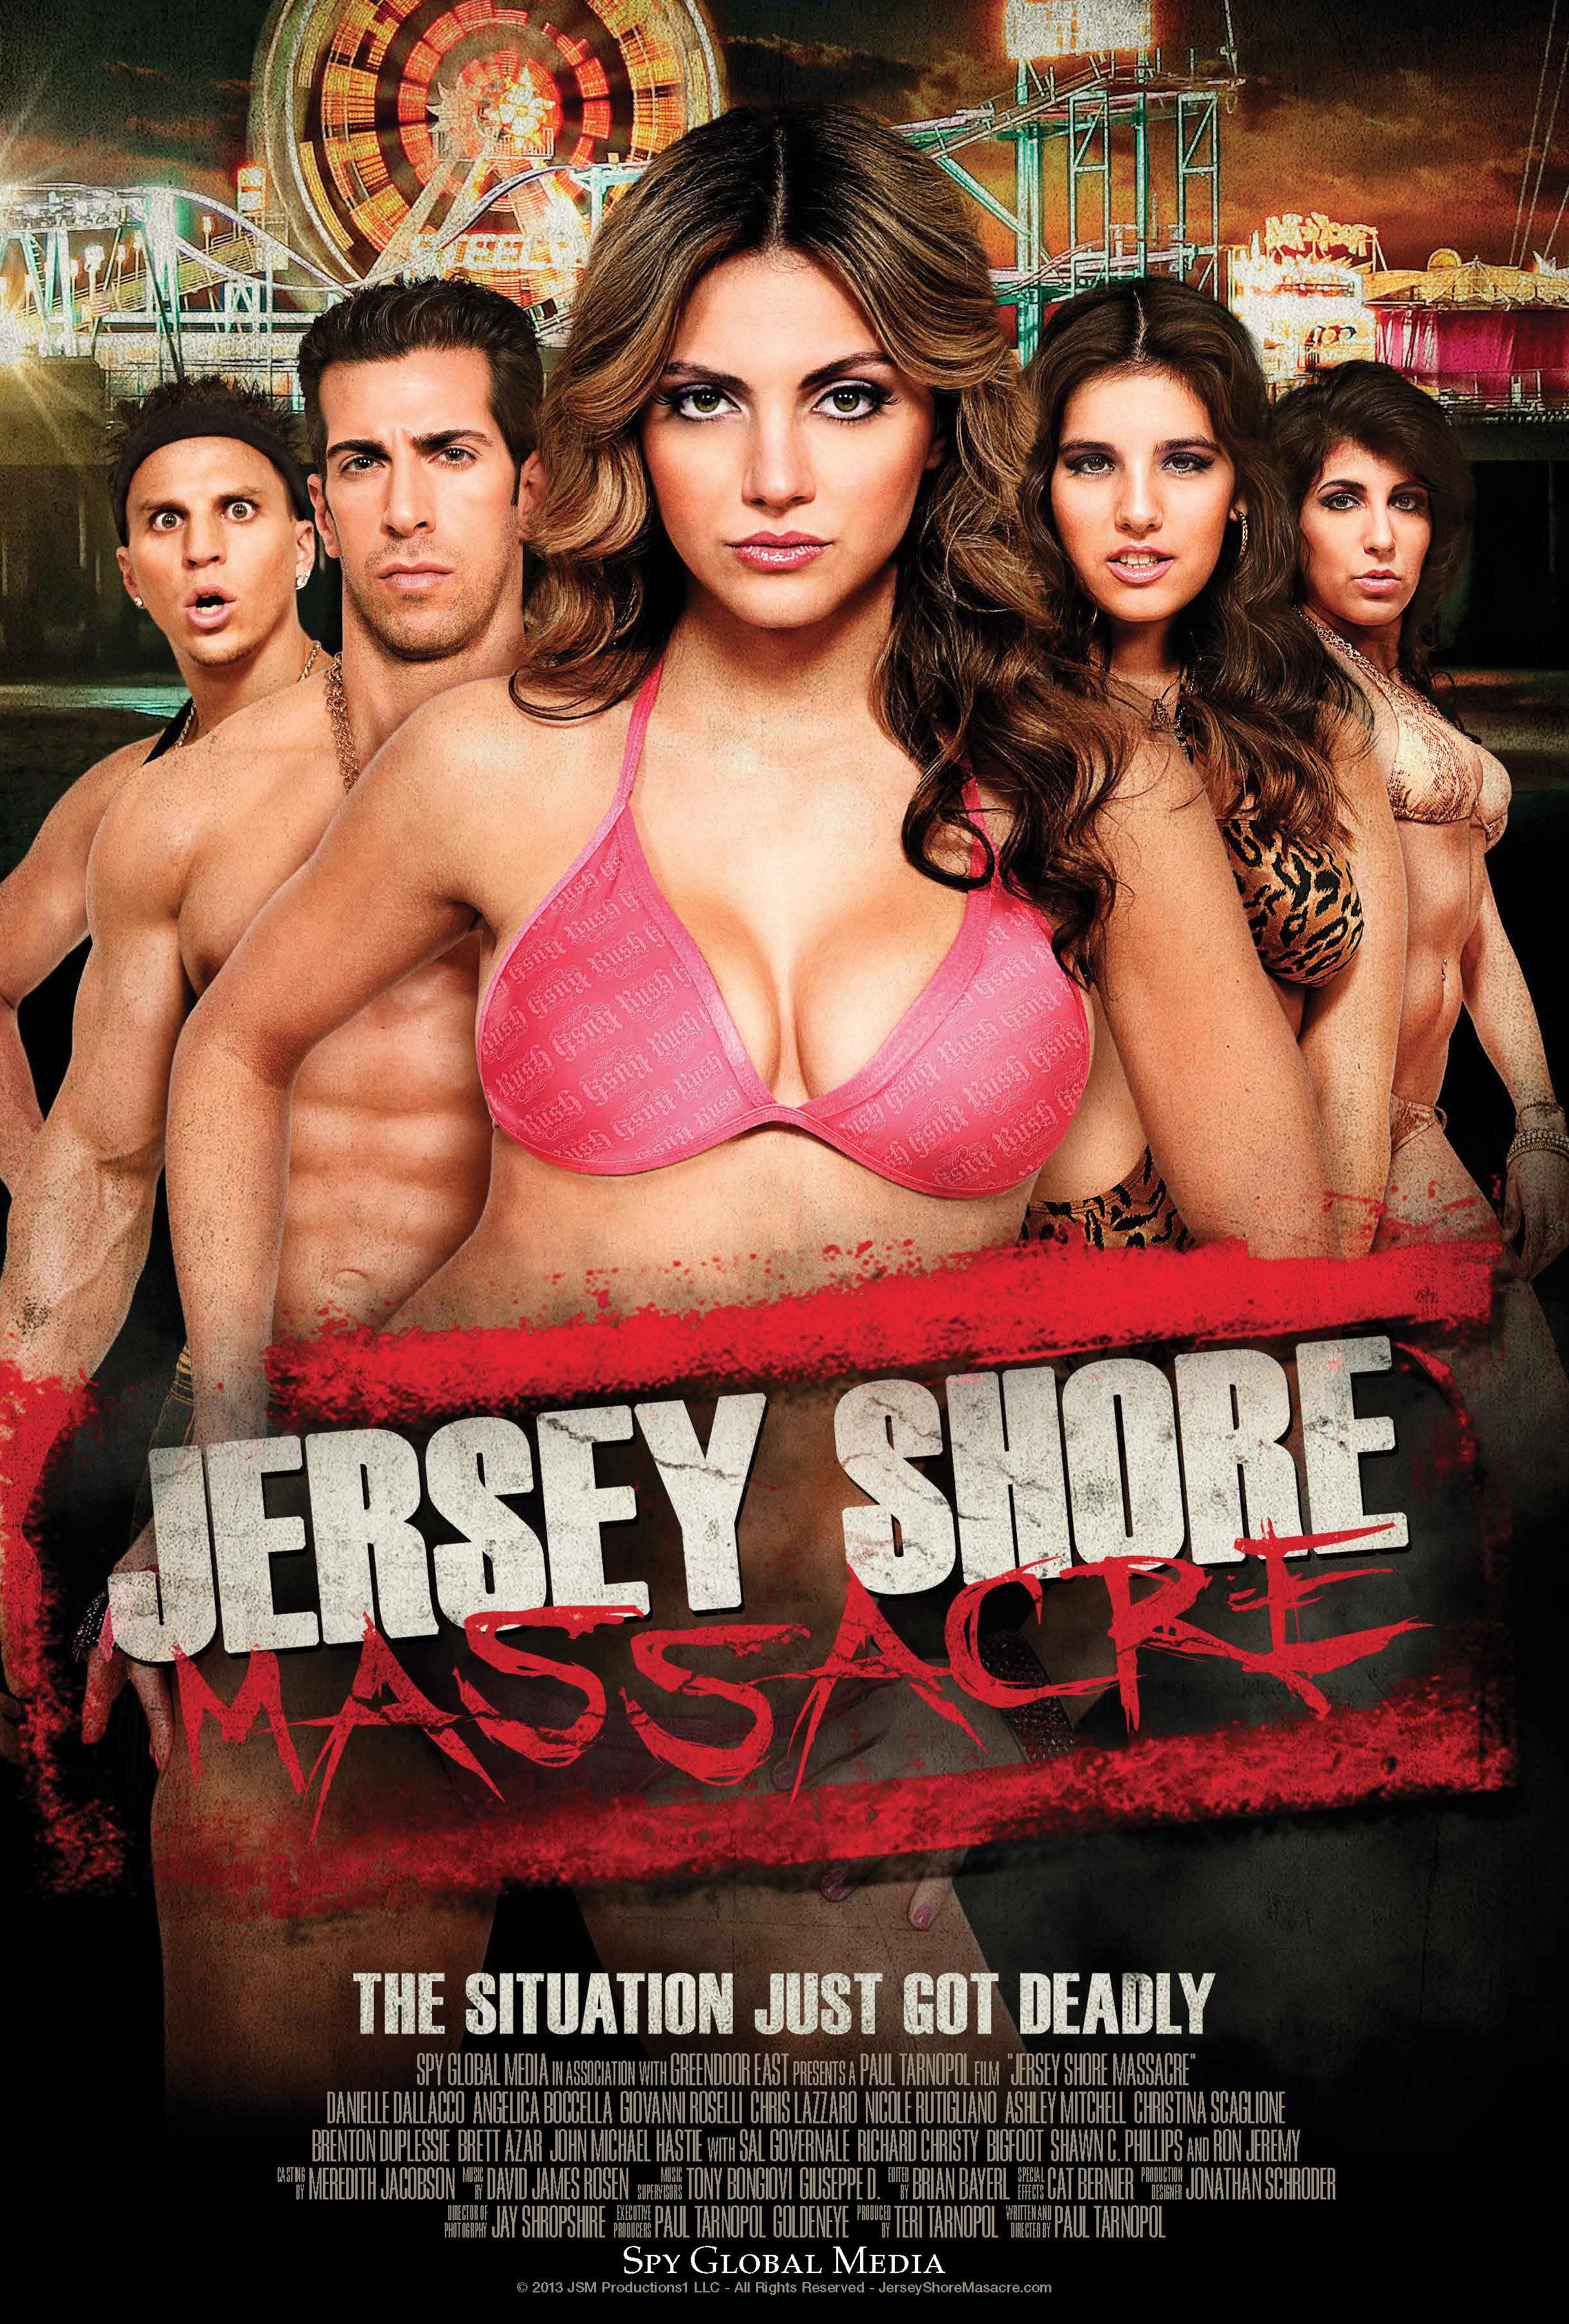 Jersey Shore Massacre (2014) - IMDb